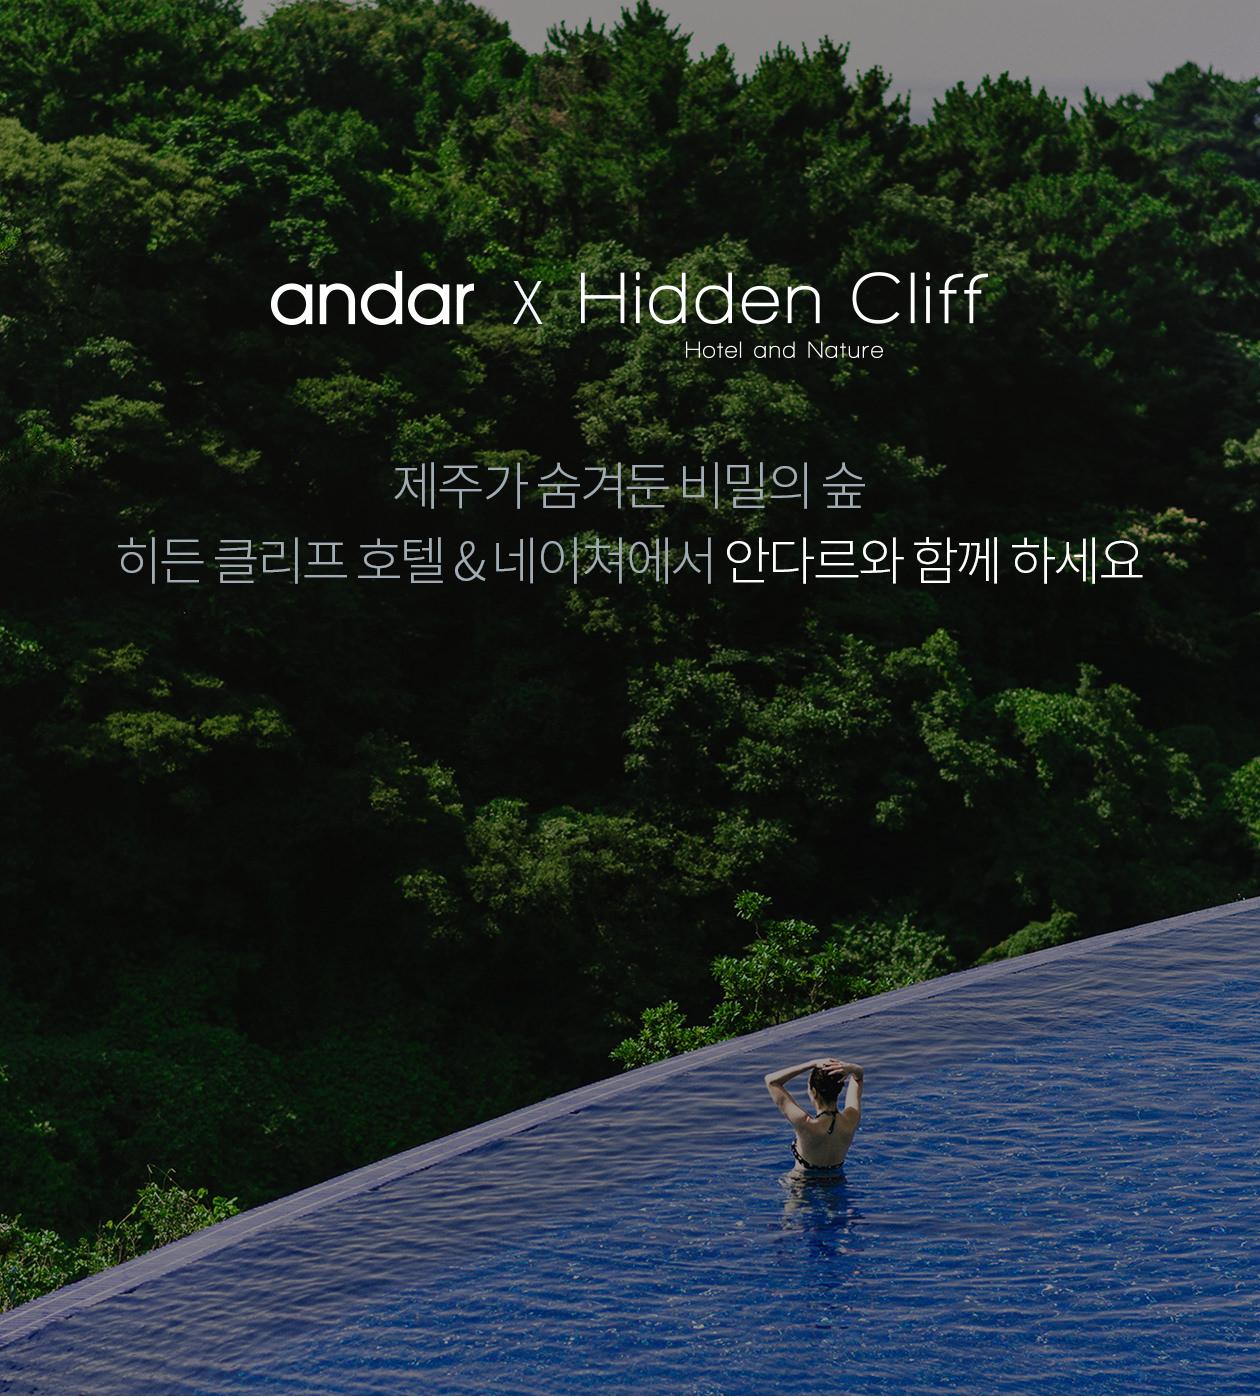 제주가 숨겨둔 비밀의 숲 히든 클리프 호텔&네이쳐에서 안다르와 함께 하세요